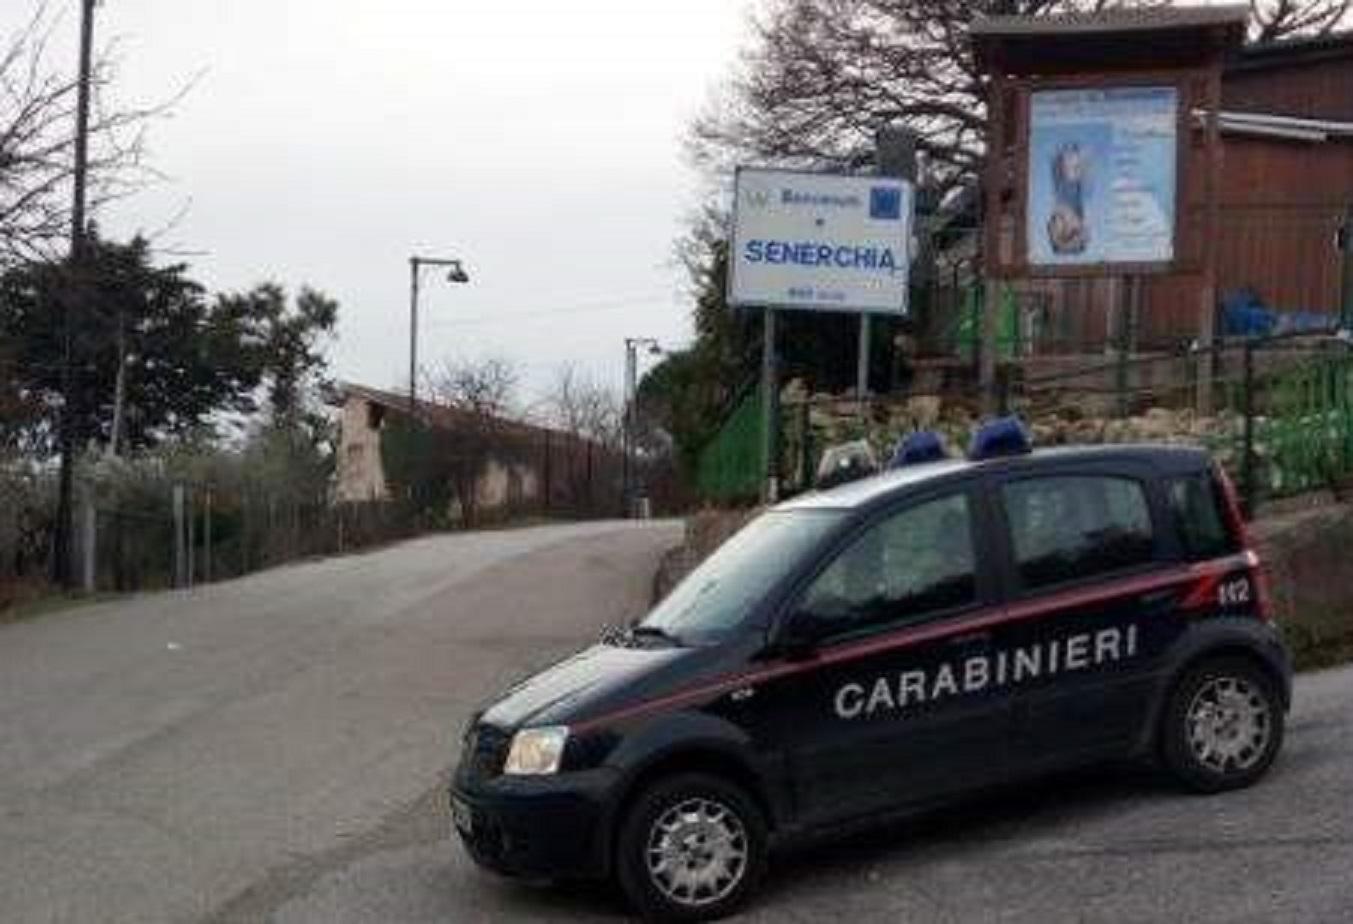 Senerchia, strada abusiva: denunciato dai carabinieri un 30enne del posto